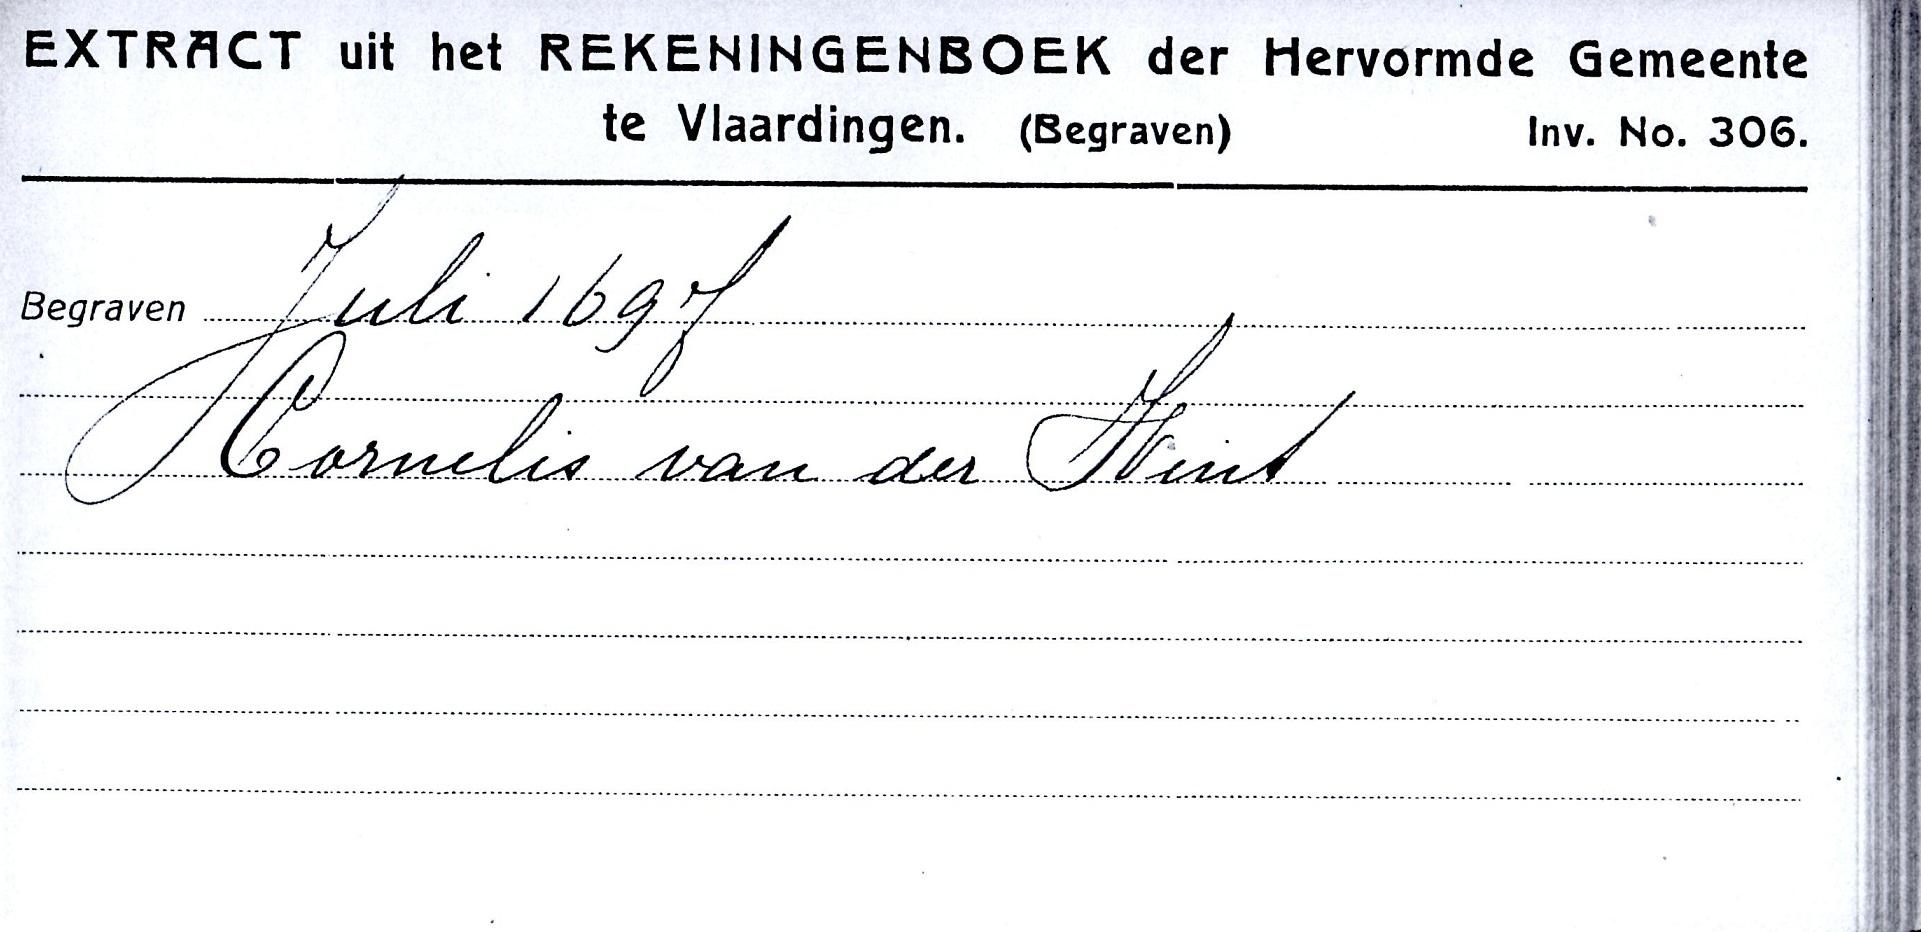 1697-07-XX Begraven Cornelis Willemsz van der Wint